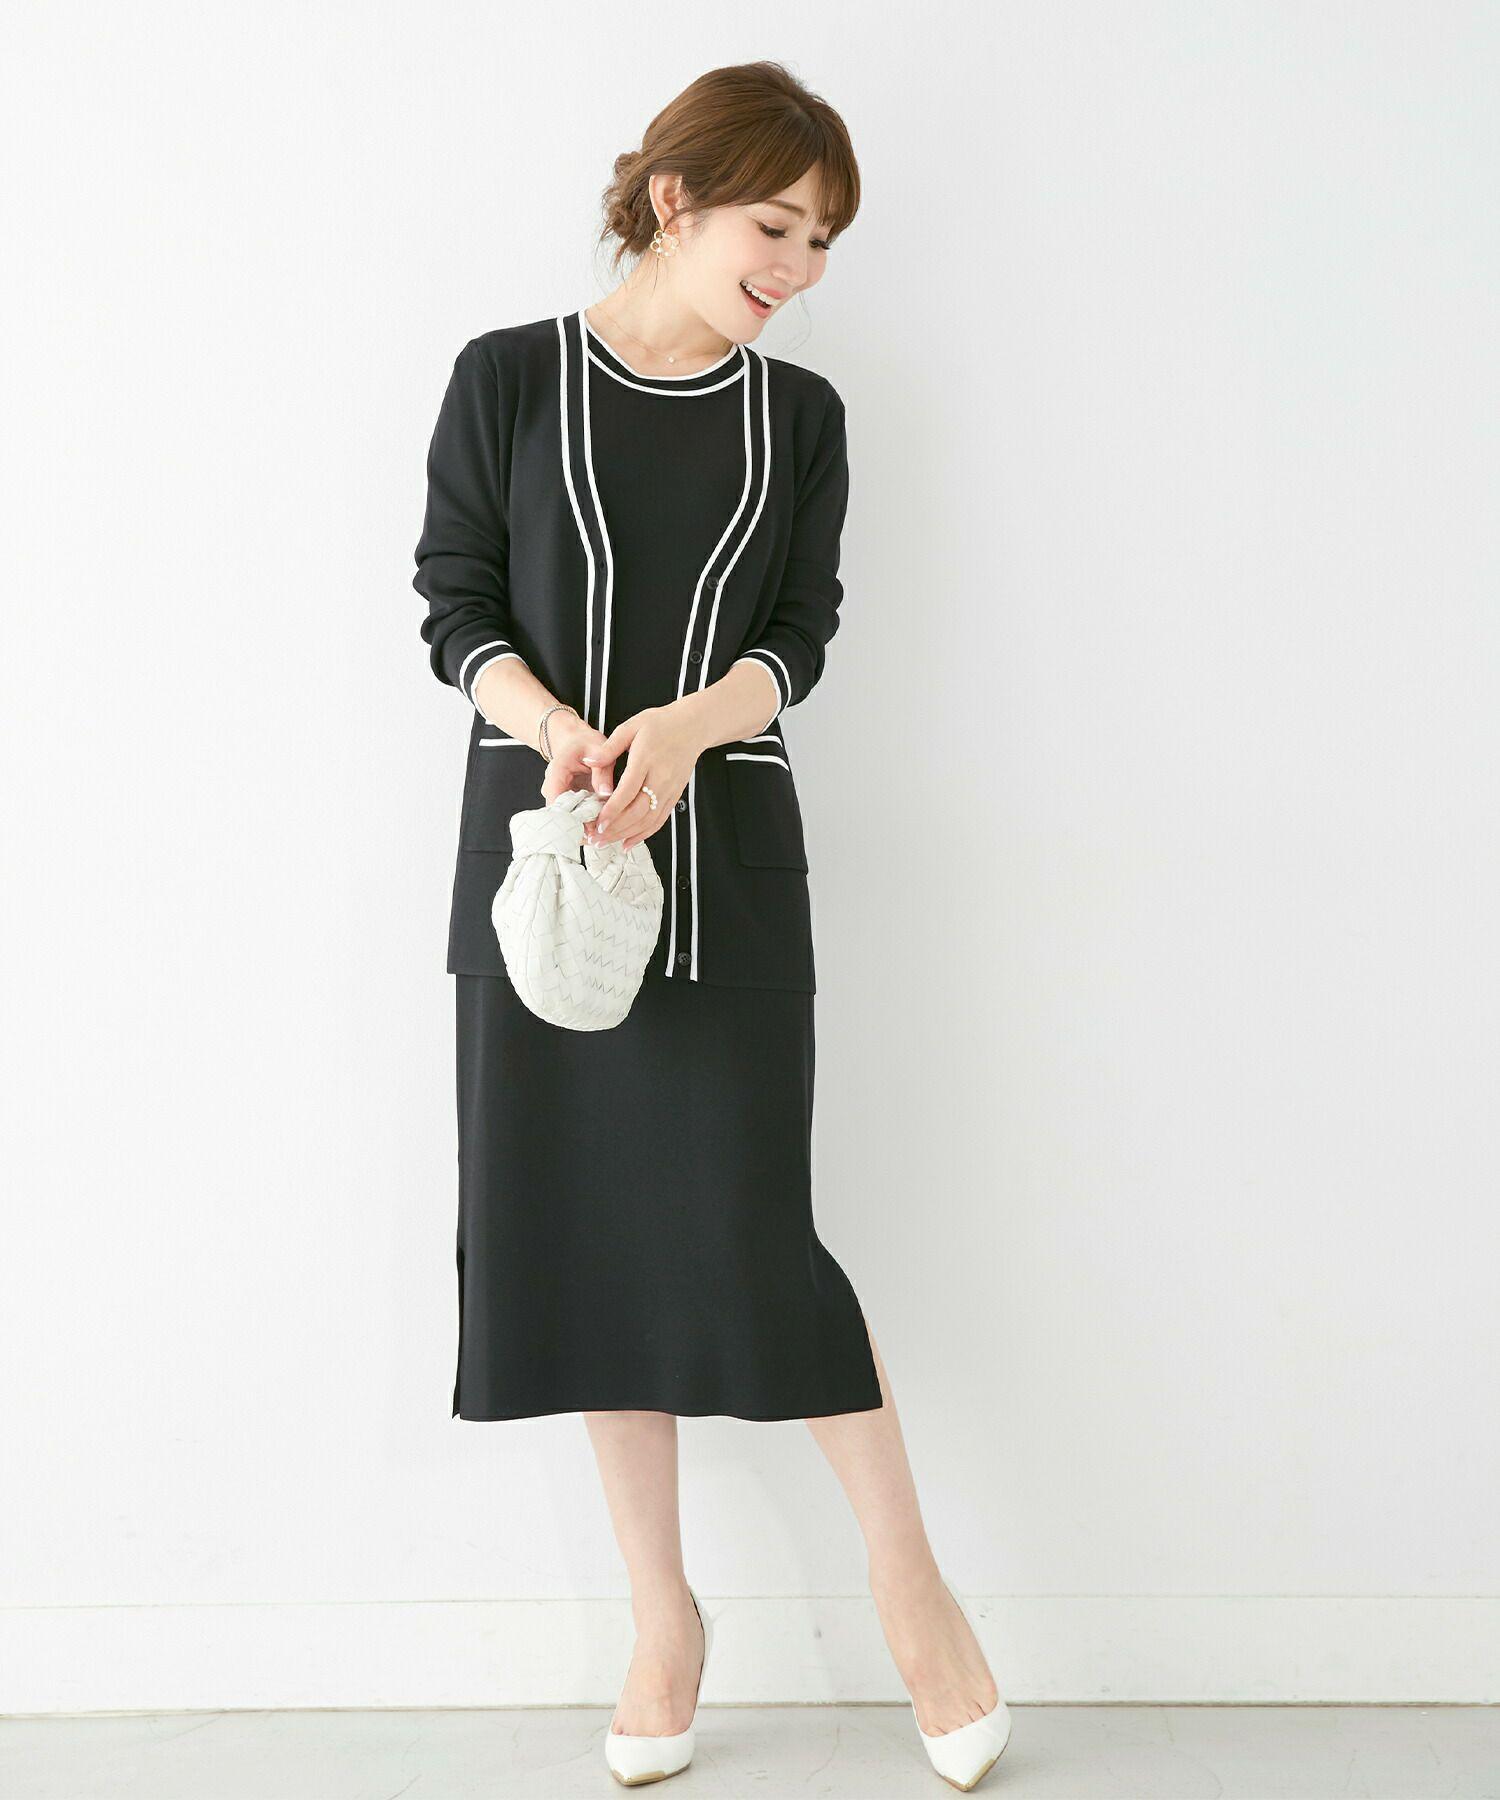 中村さんワンピ/アンサンブル対応/膝下丈/スリット入り/上品/綺麗め